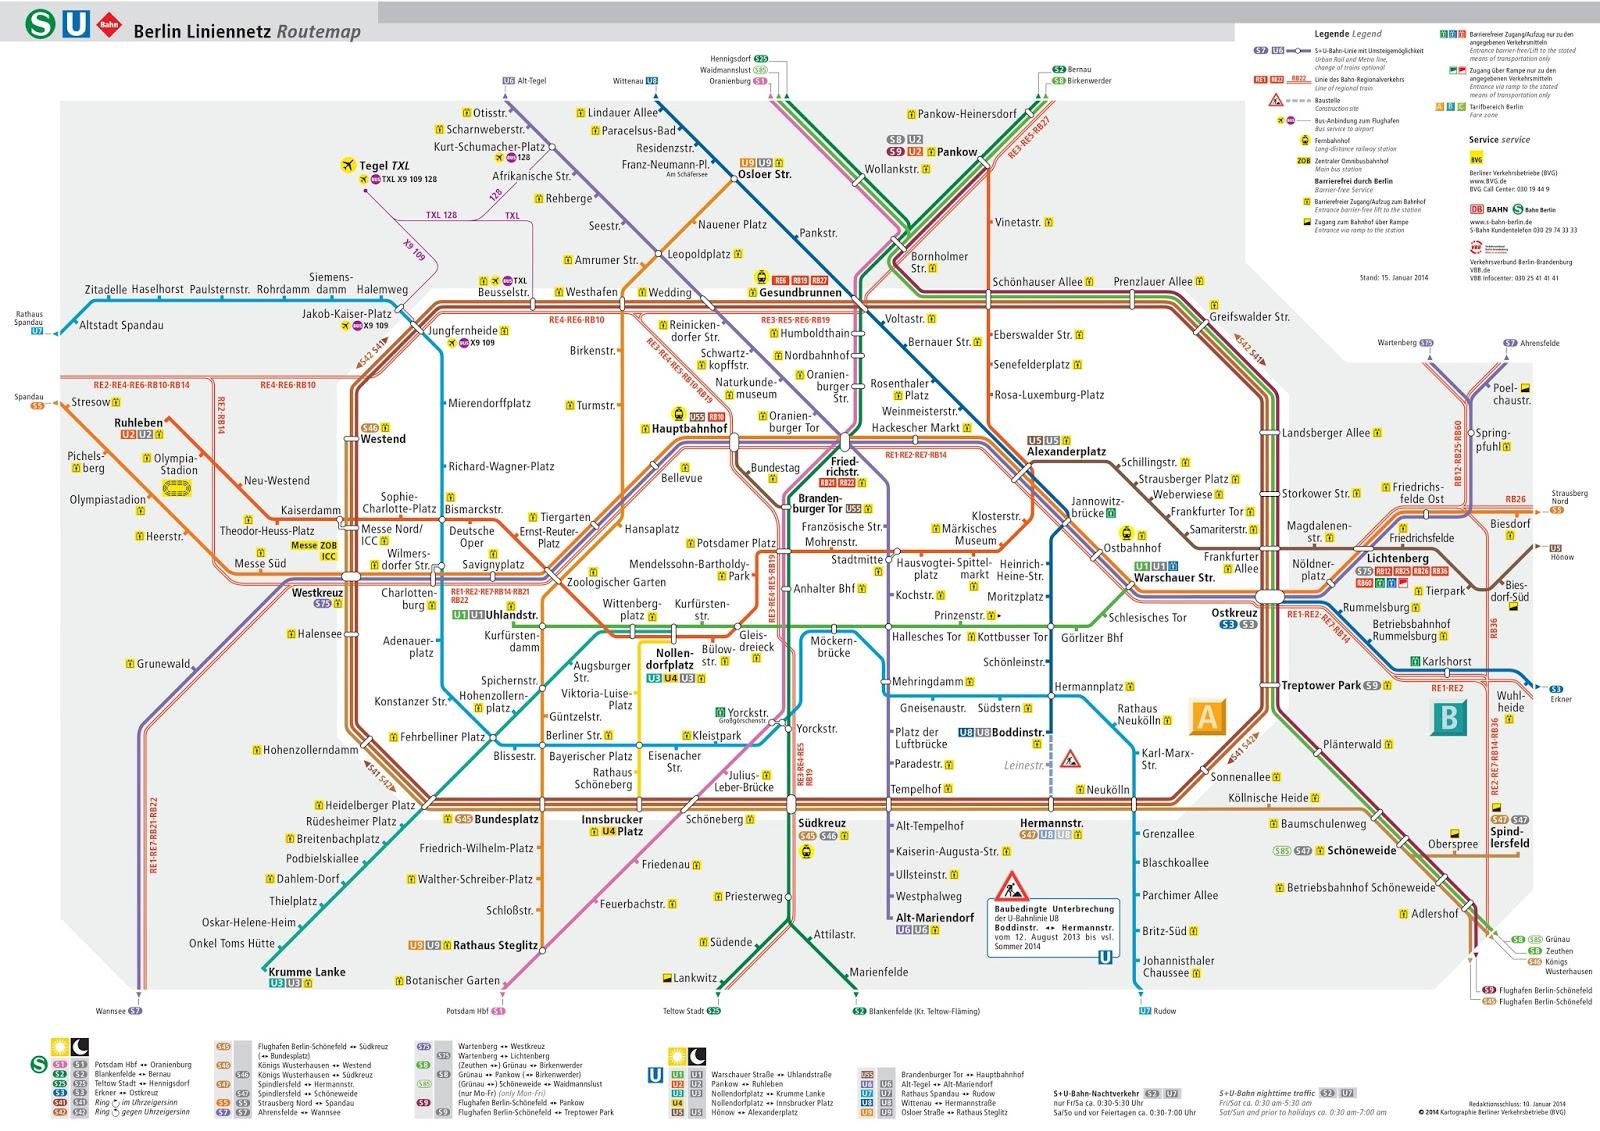 peta transportasi umum kereta s-bahn u-bahn berlin 2015